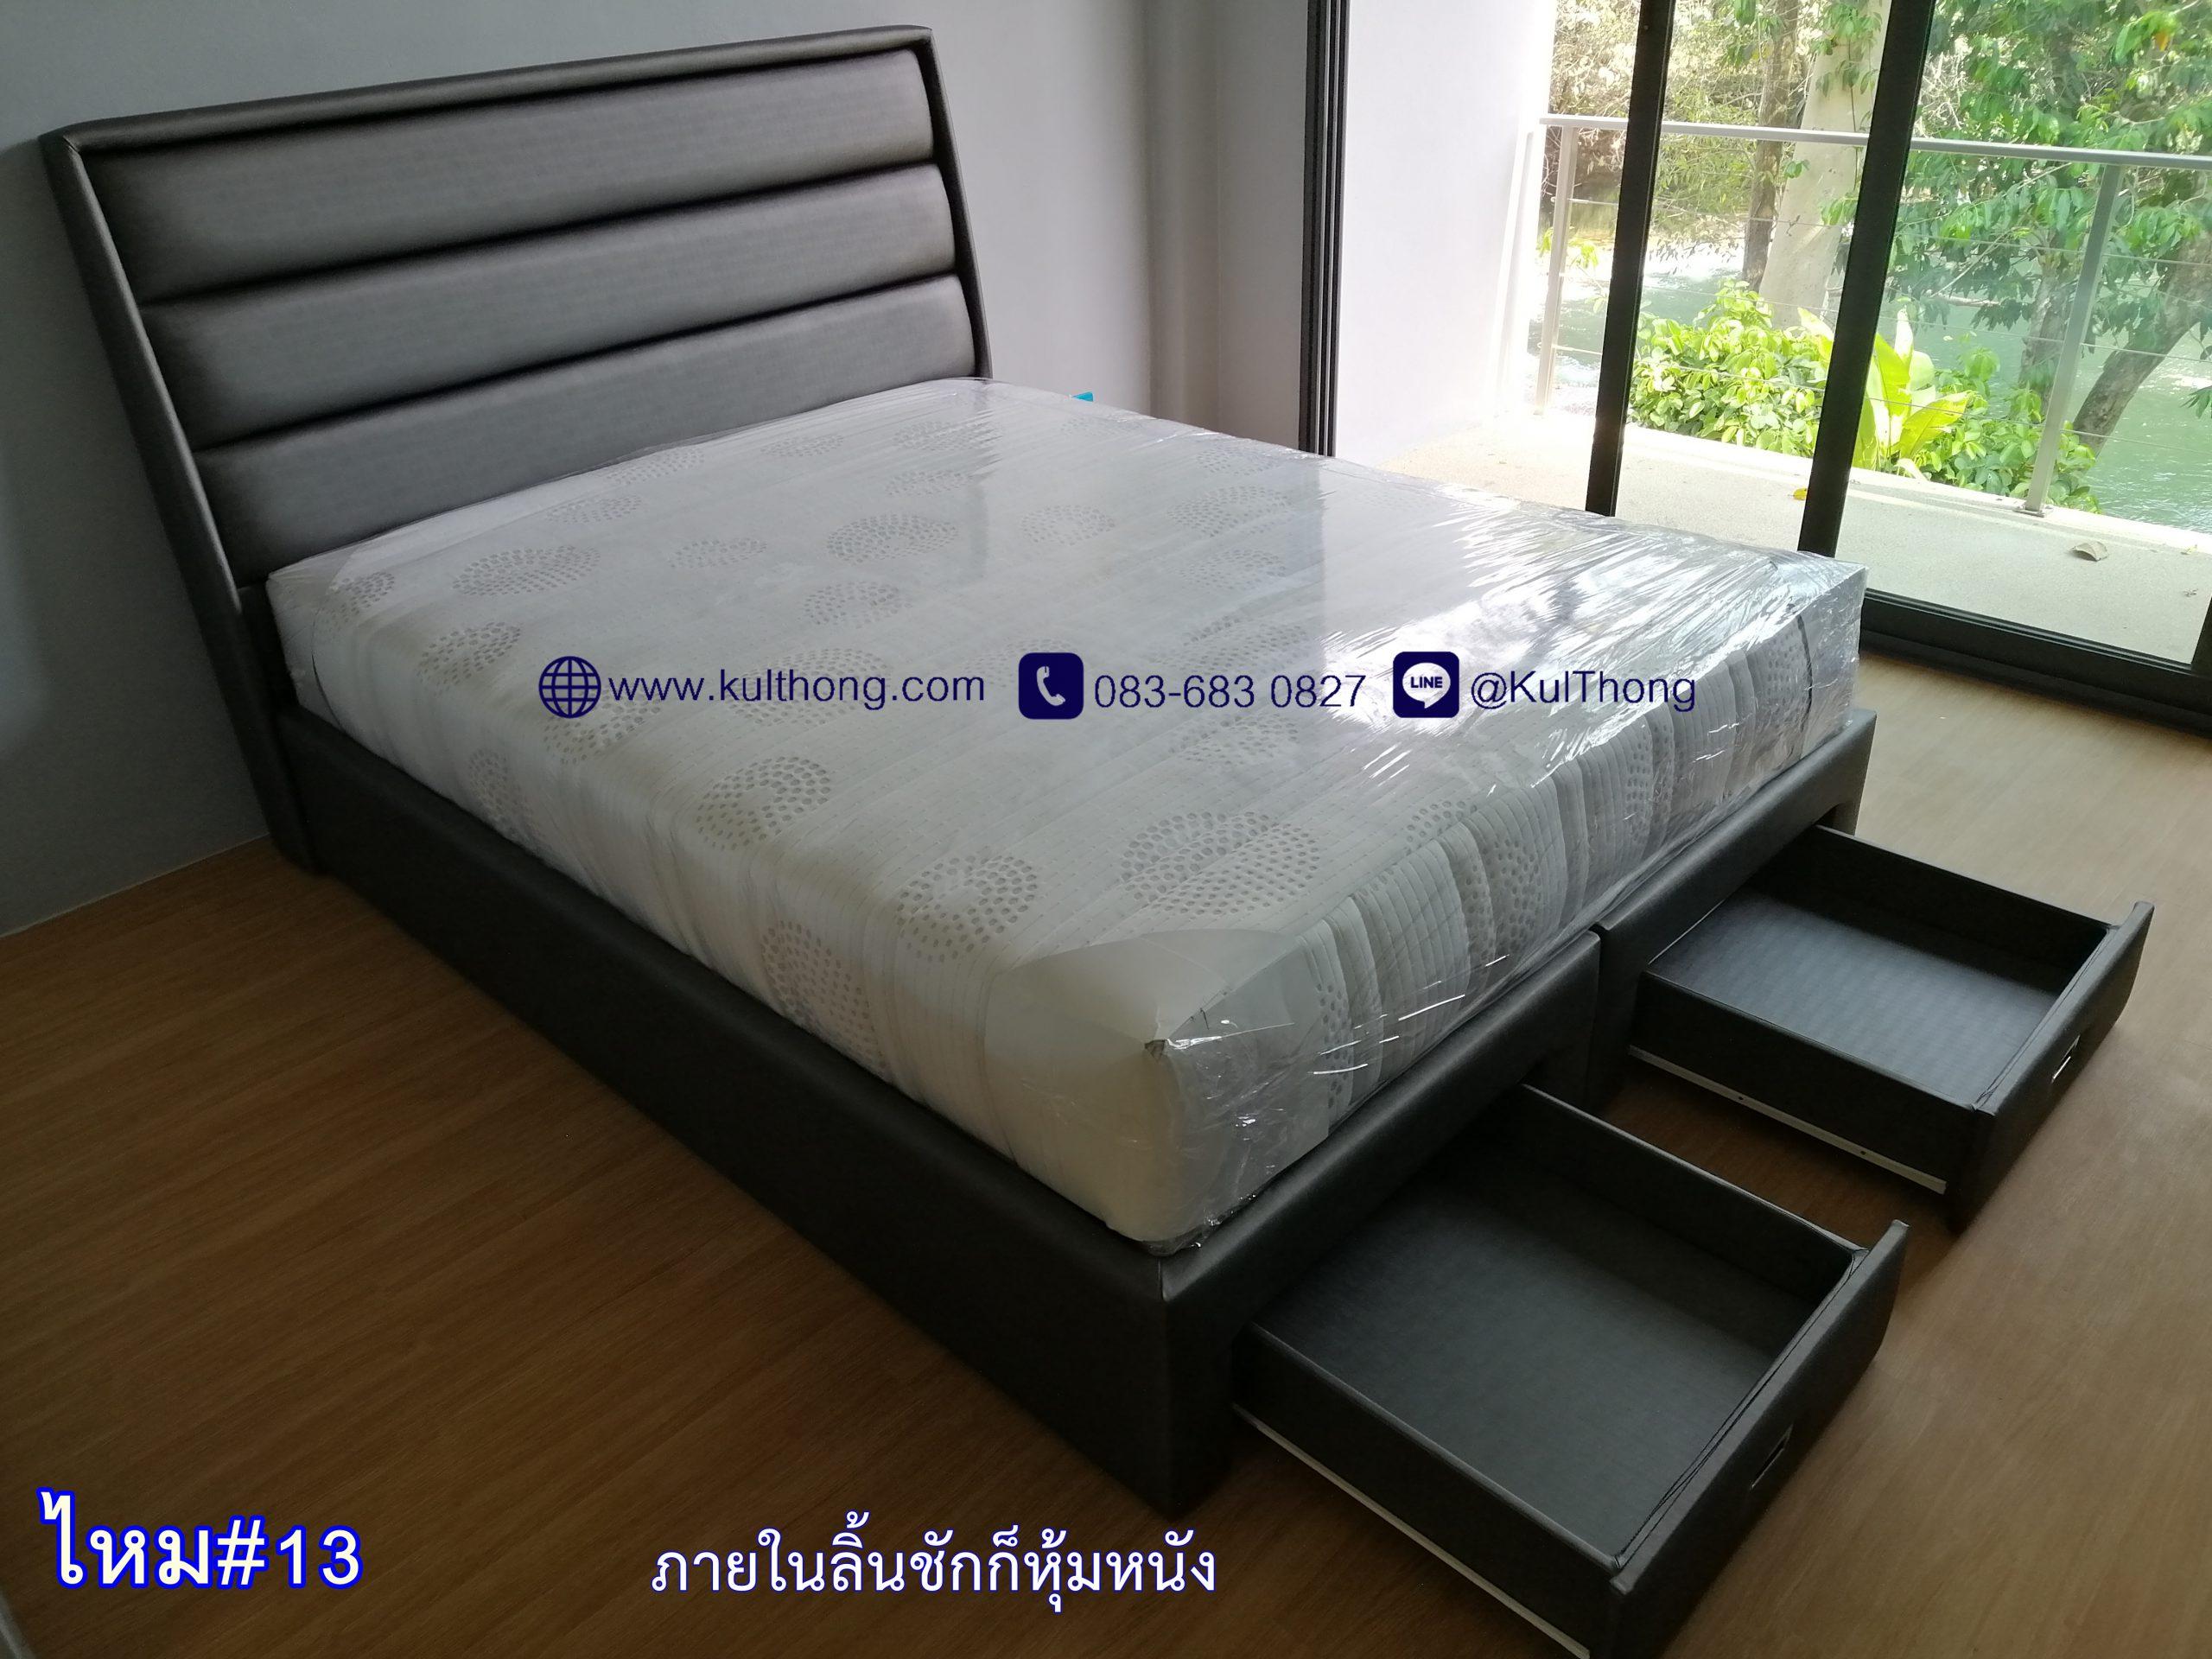 เตียงหุ้มหนังมีลิ้นชัก เตียงเก็บของ เตียงนอนปาช่อง